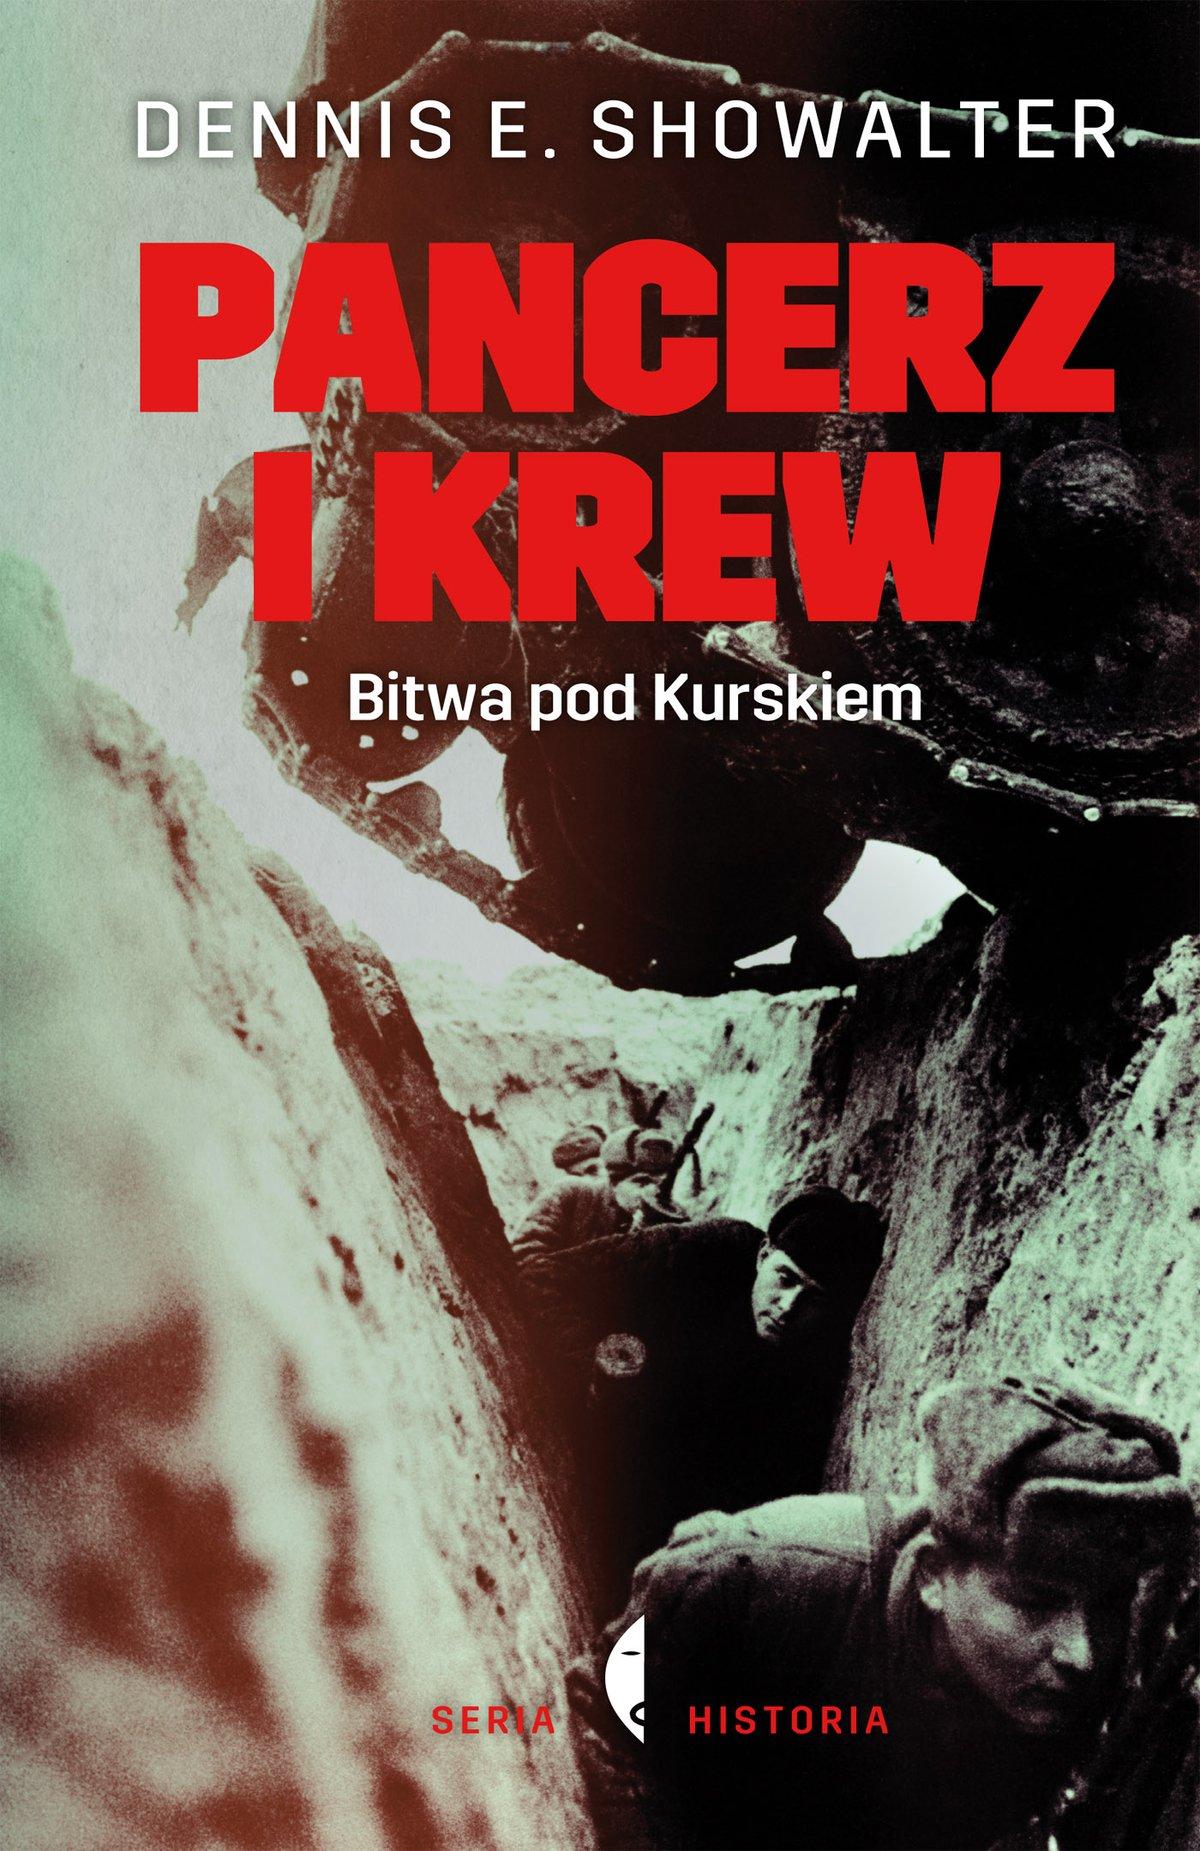 Pancerz i krew - Ebook (Książka EPUB) do pobrania w formacie EPUB